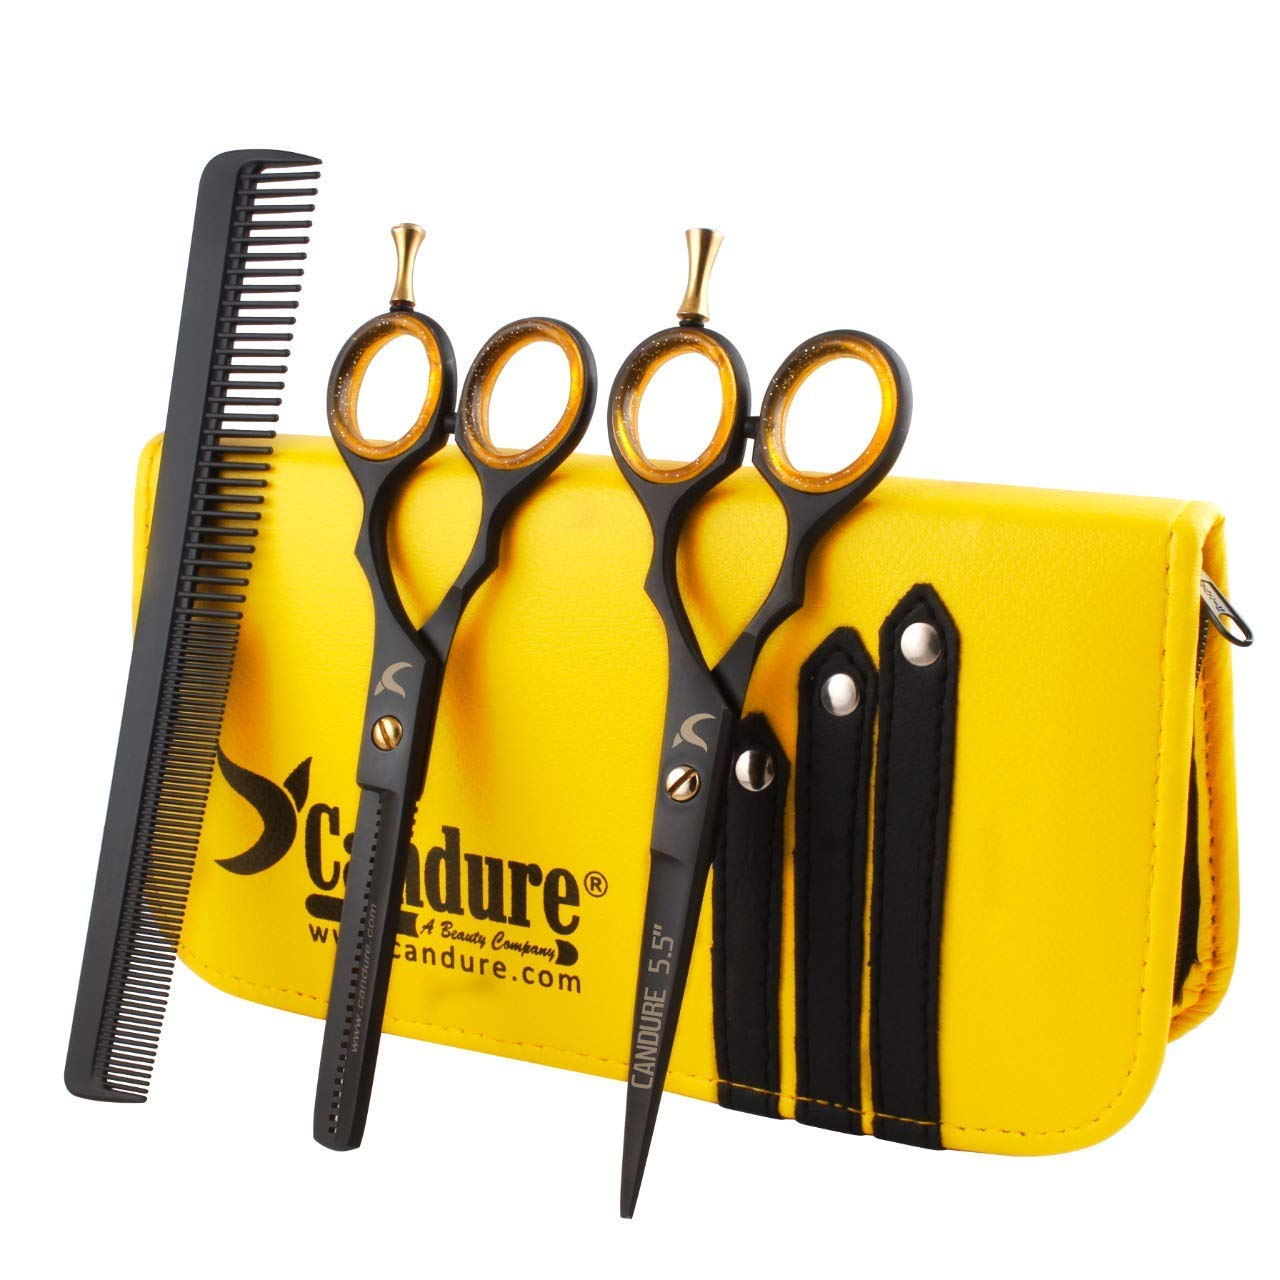 Ciseaux salon de coiffure barbier avec vis dorée plus étui/manche pour ciseaux product image